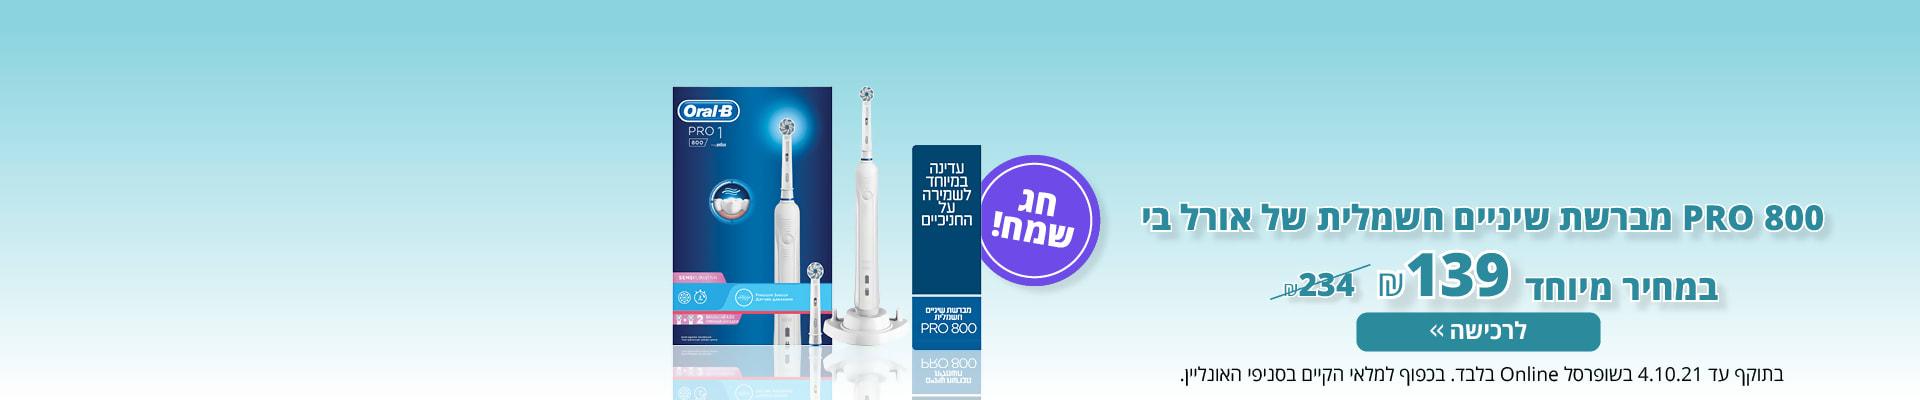 מברשת שיניים חשמלית PR0 800 של אורל בי במחיר מיוחד 139 ₪ במקום 234 ₪. בתוקף עד 4.10.21 בשופרסל Online בלבד. בכפוף למלאי הקיים בסניפי האונליין. לרכישה >>